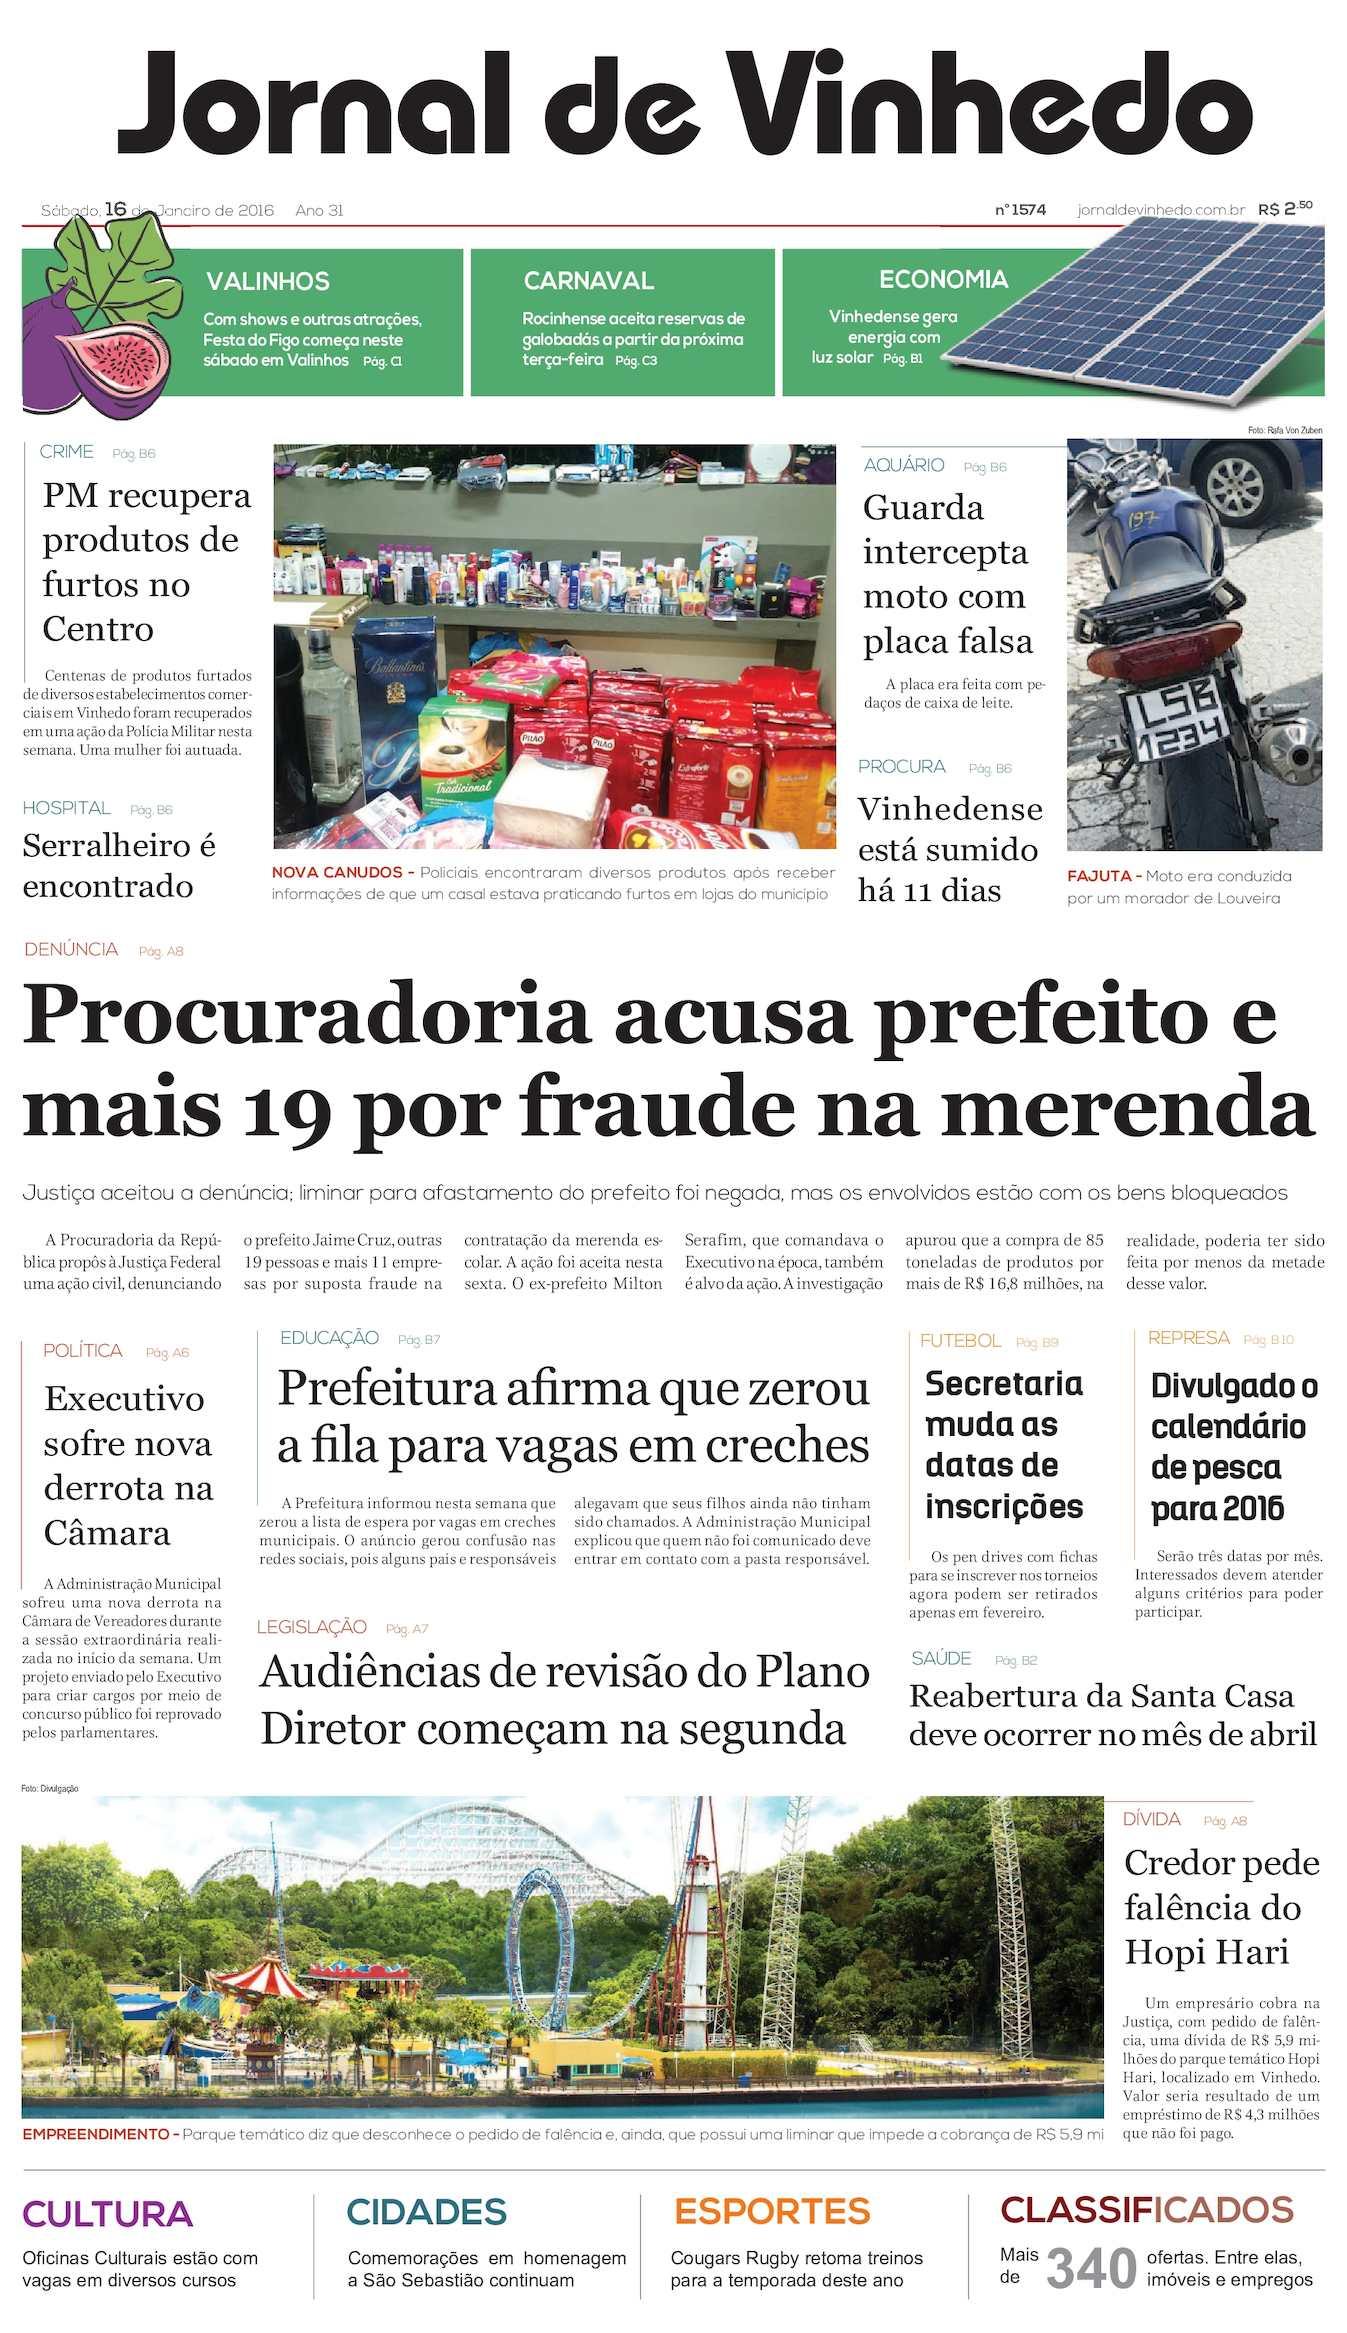 Ligue Sem Leiao Gostou Baixo Moreno Anúncio Local O Magro Se